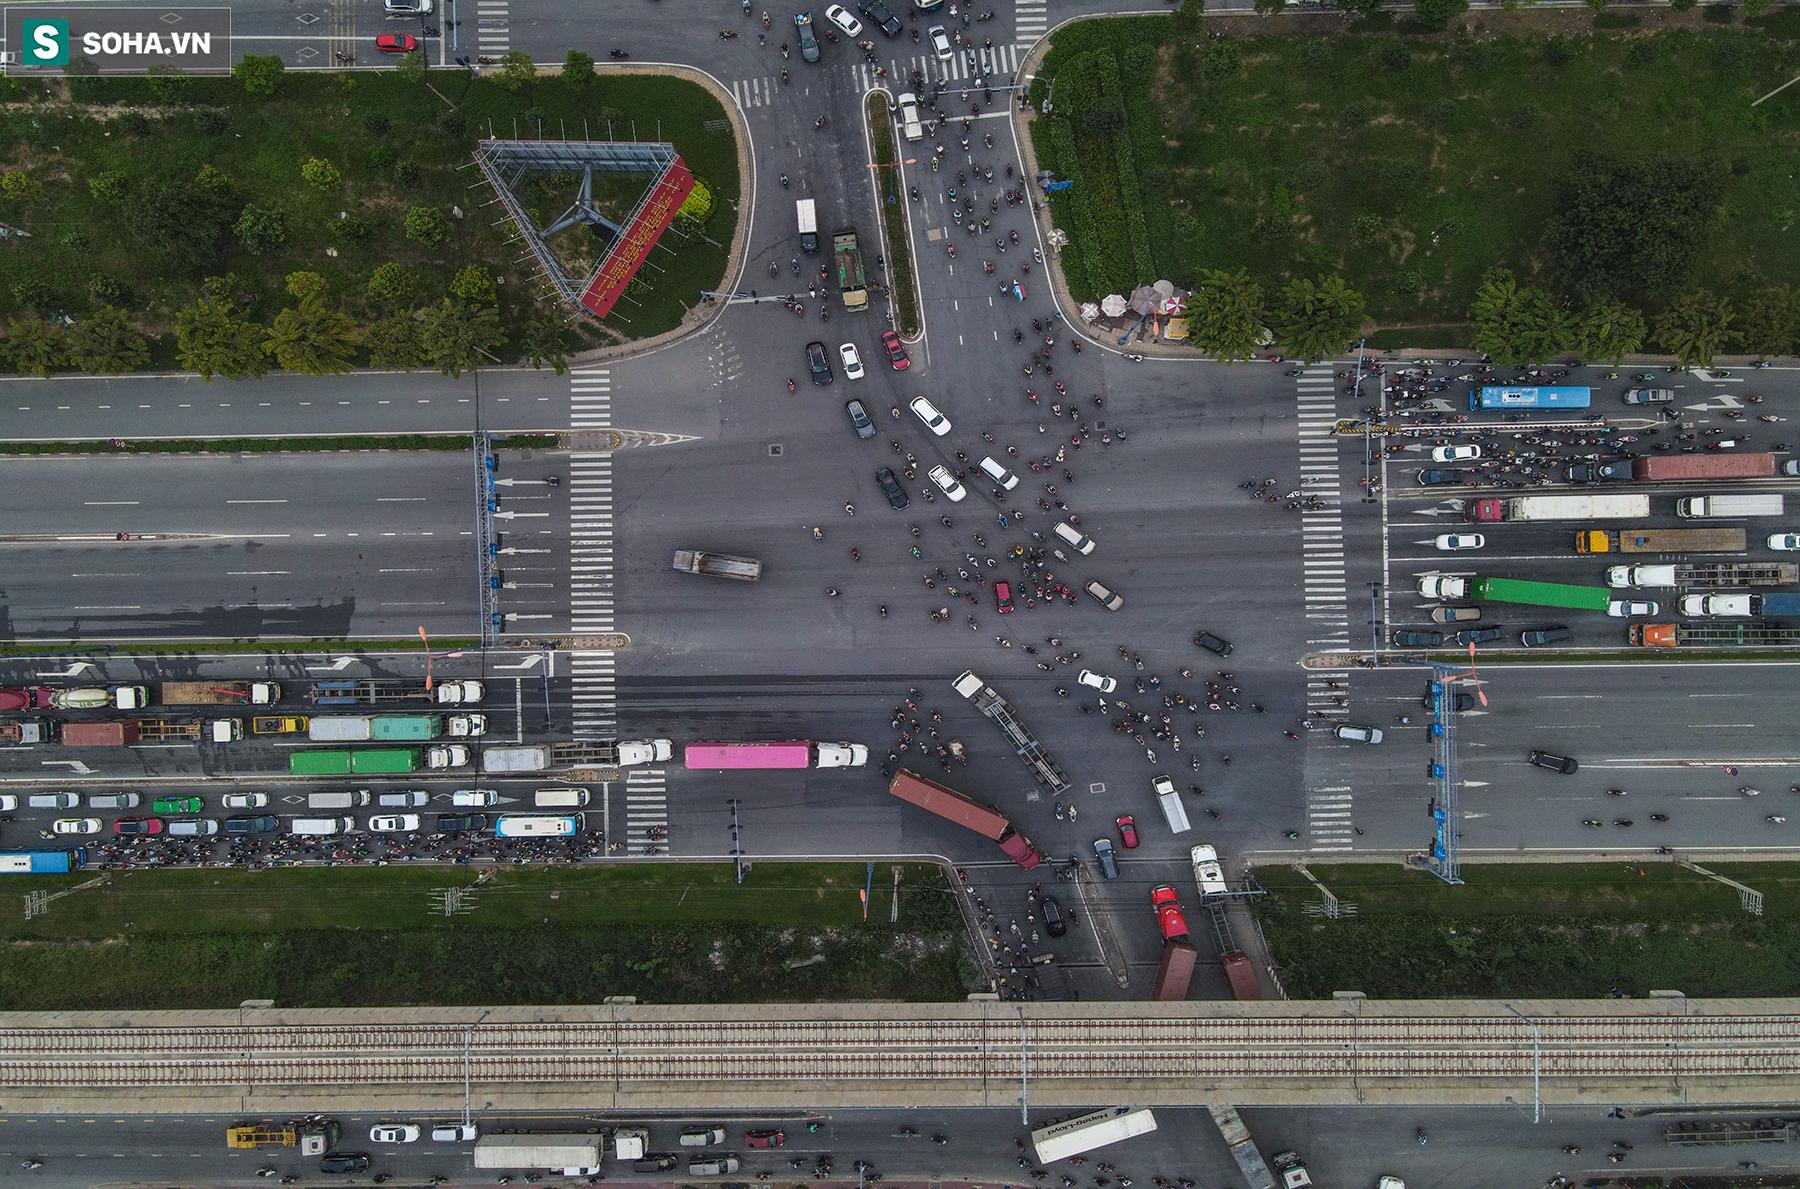 Cao ốc, chung cư vây chặt metro số 1, giao thông khu Đông TP.HCM bắt đầu ngạt thở - Ảnh 16.